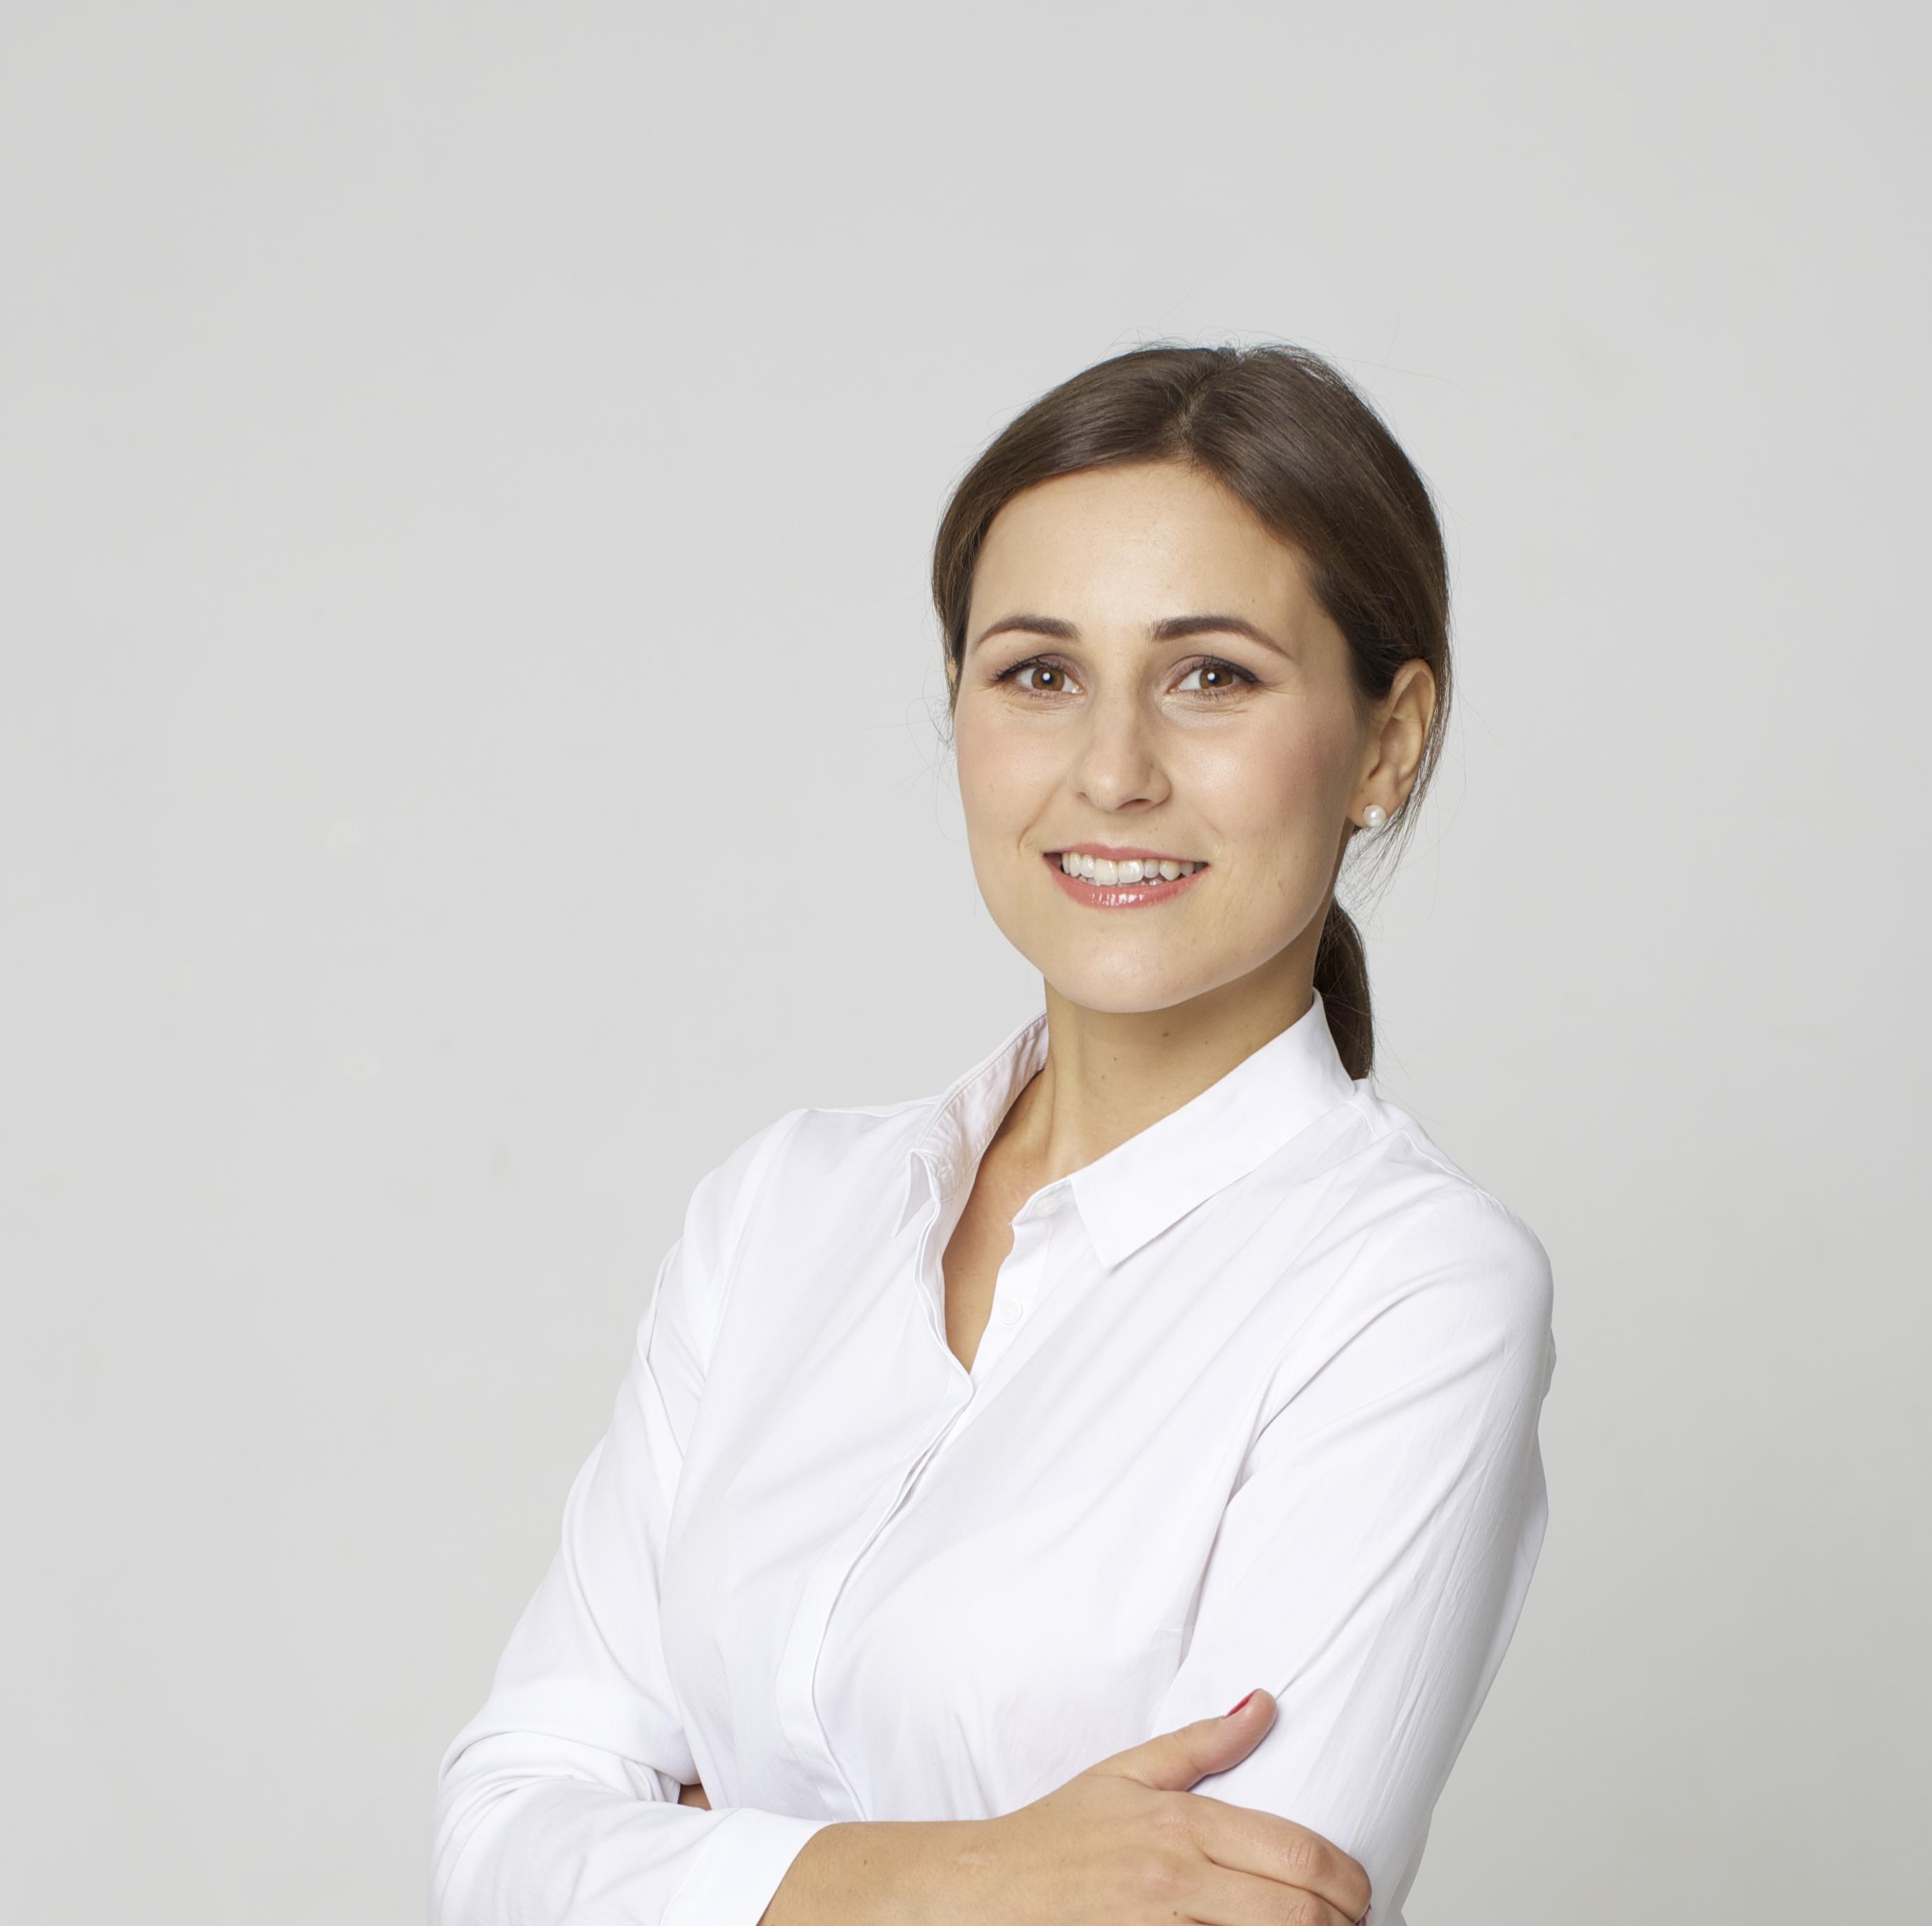 Анастасия Жеготина